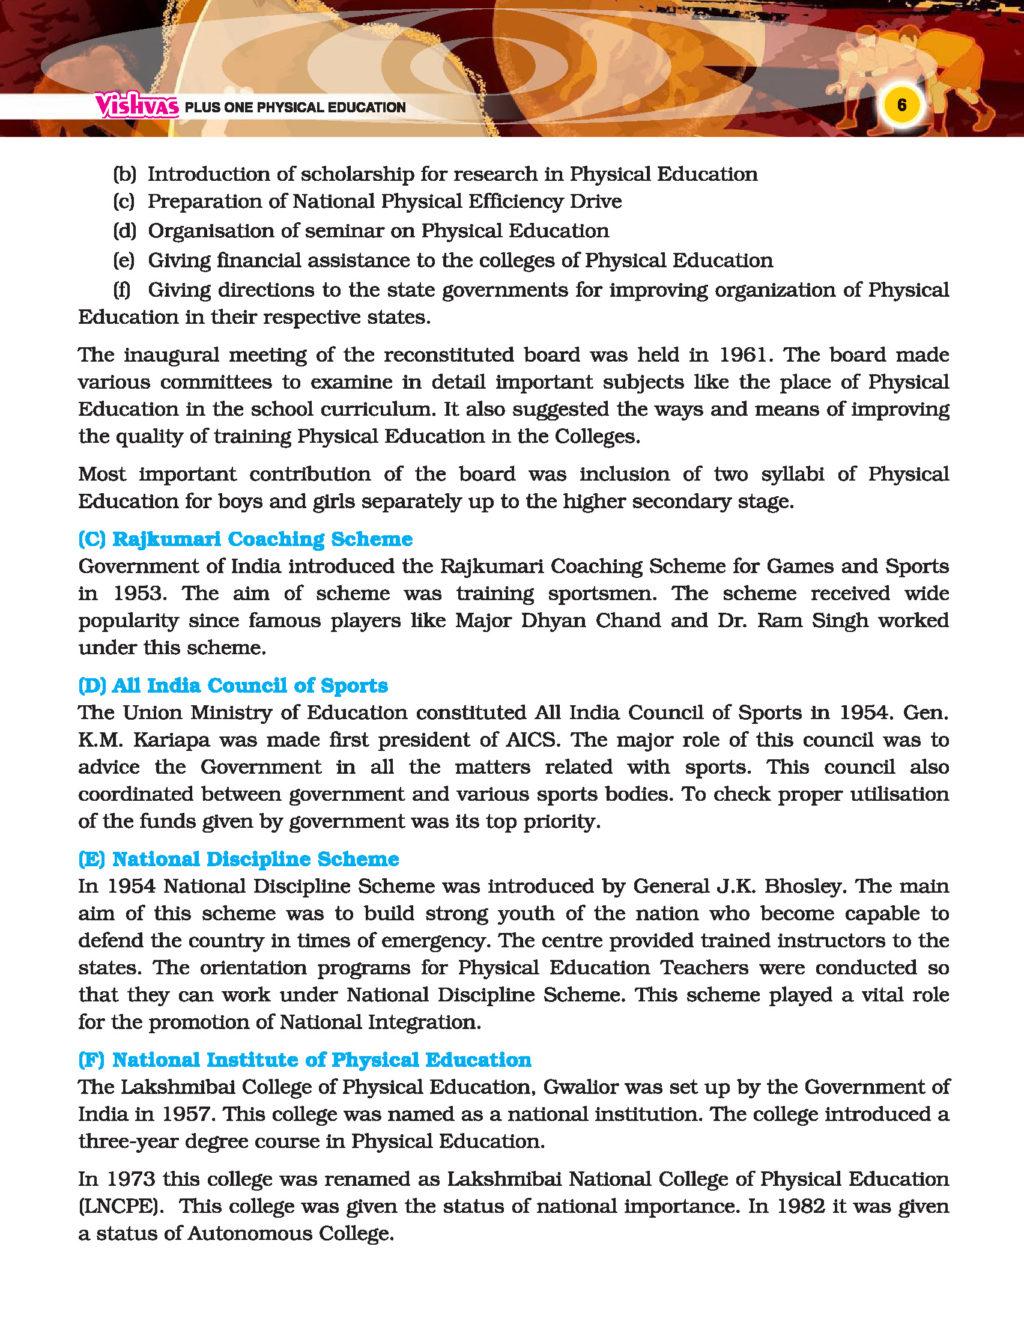 https://vishvasbook.com/wp-content/uploads/2016/09/Physical-Education_ebook_11_Page_16-1024x1321.jpg